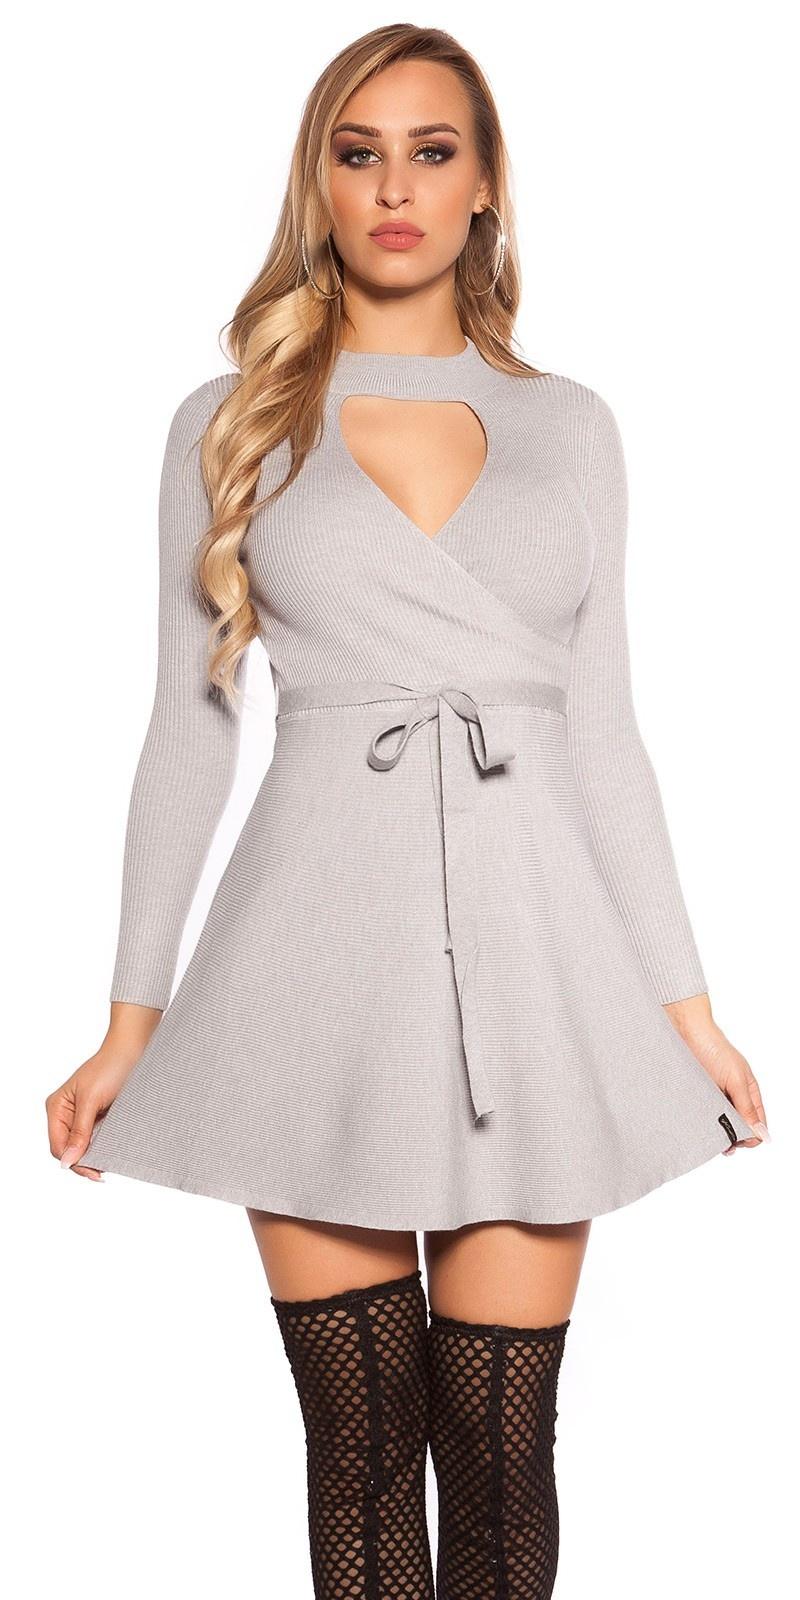 Sexy geribde gebreide jurk wikkel look grijs